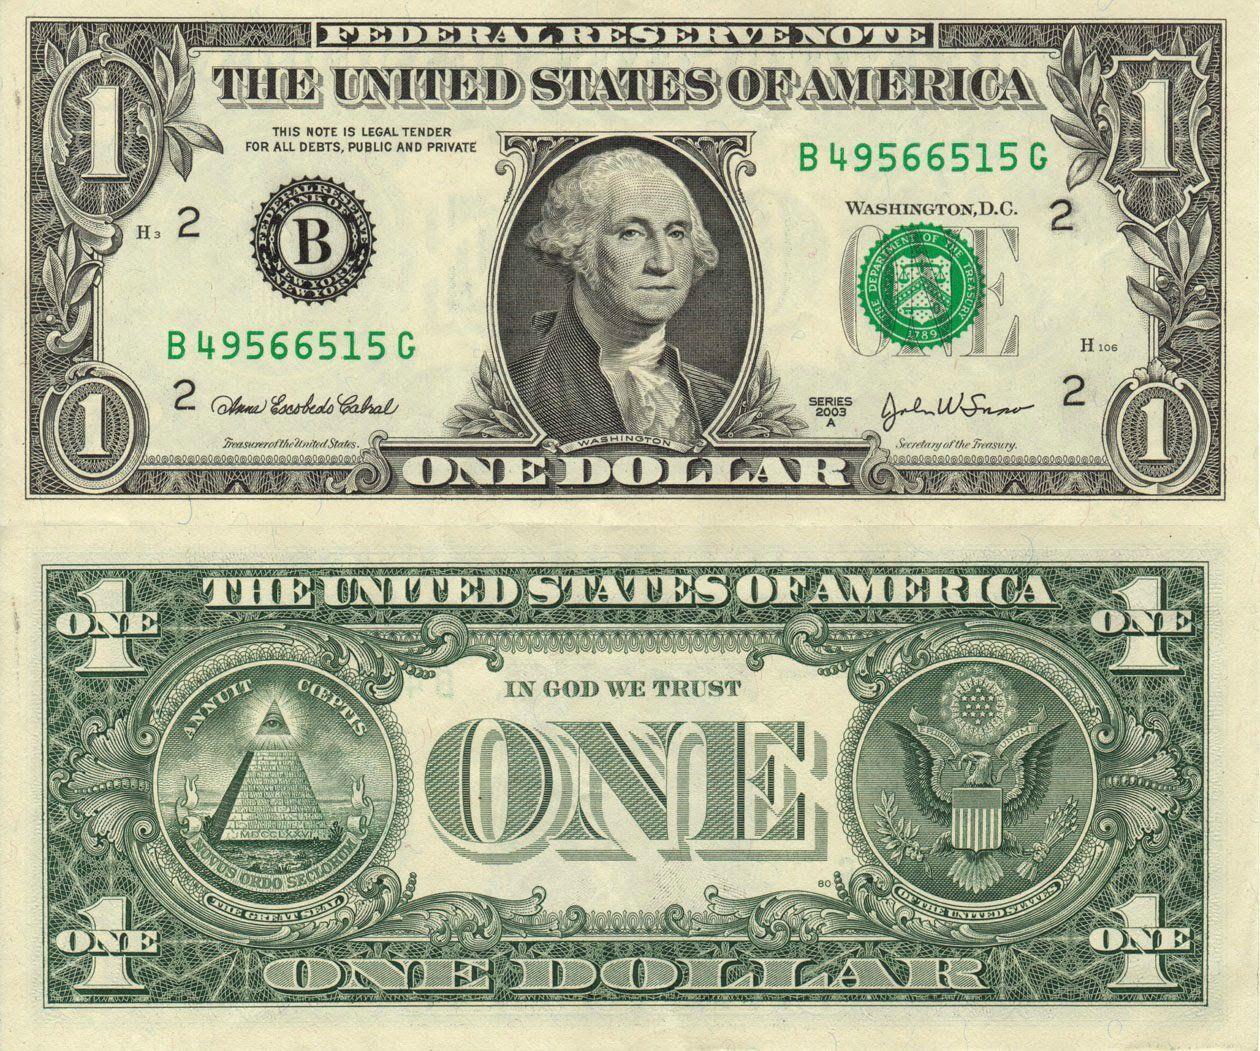 1dollarbillplain-money